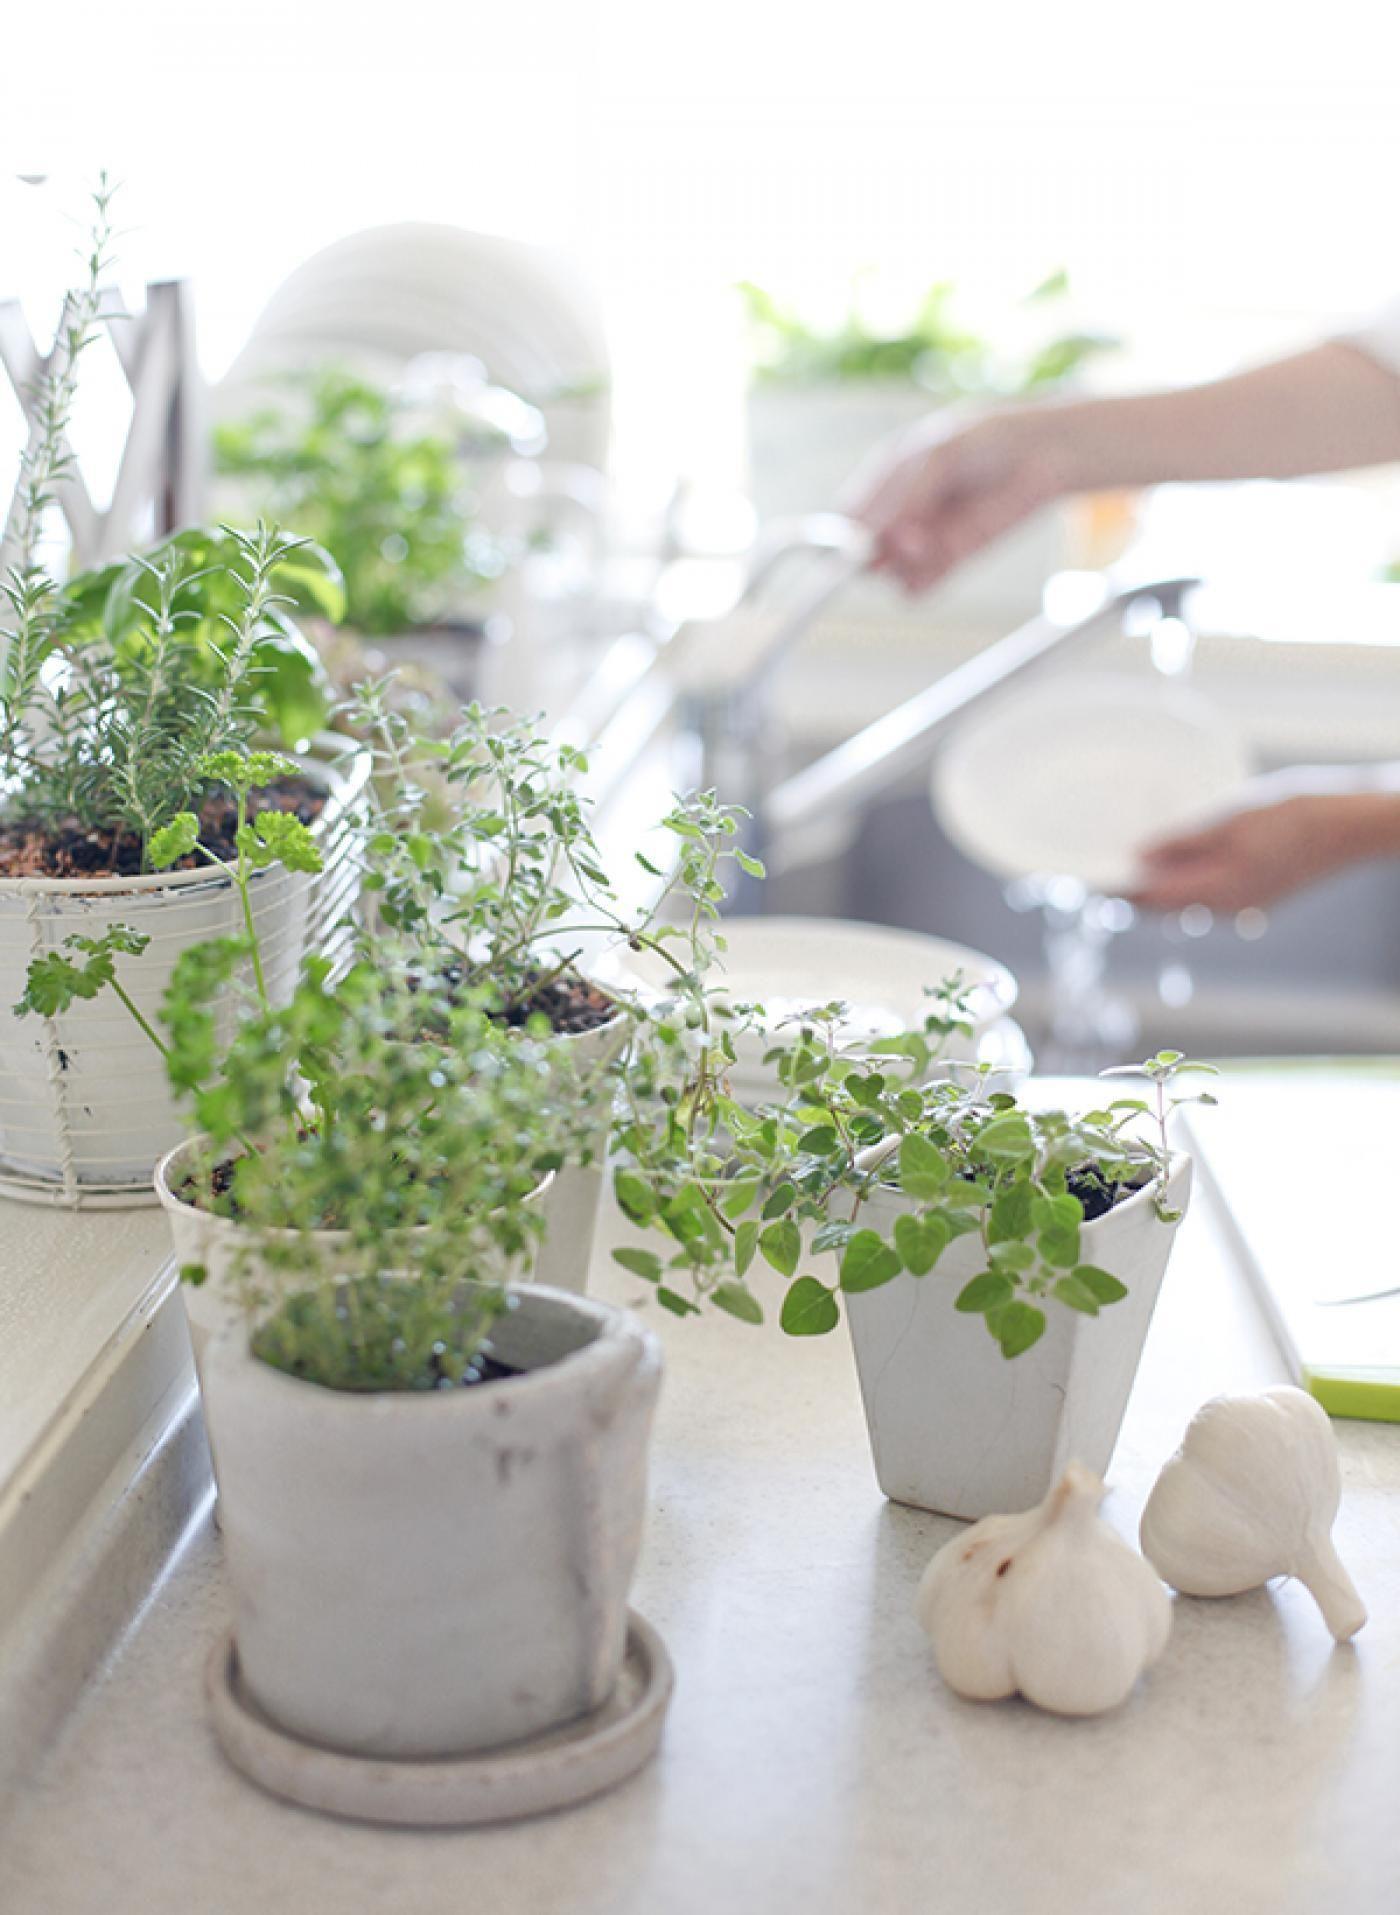 Így öntözzük a szobanövényeket! Lakáskultúra magazin